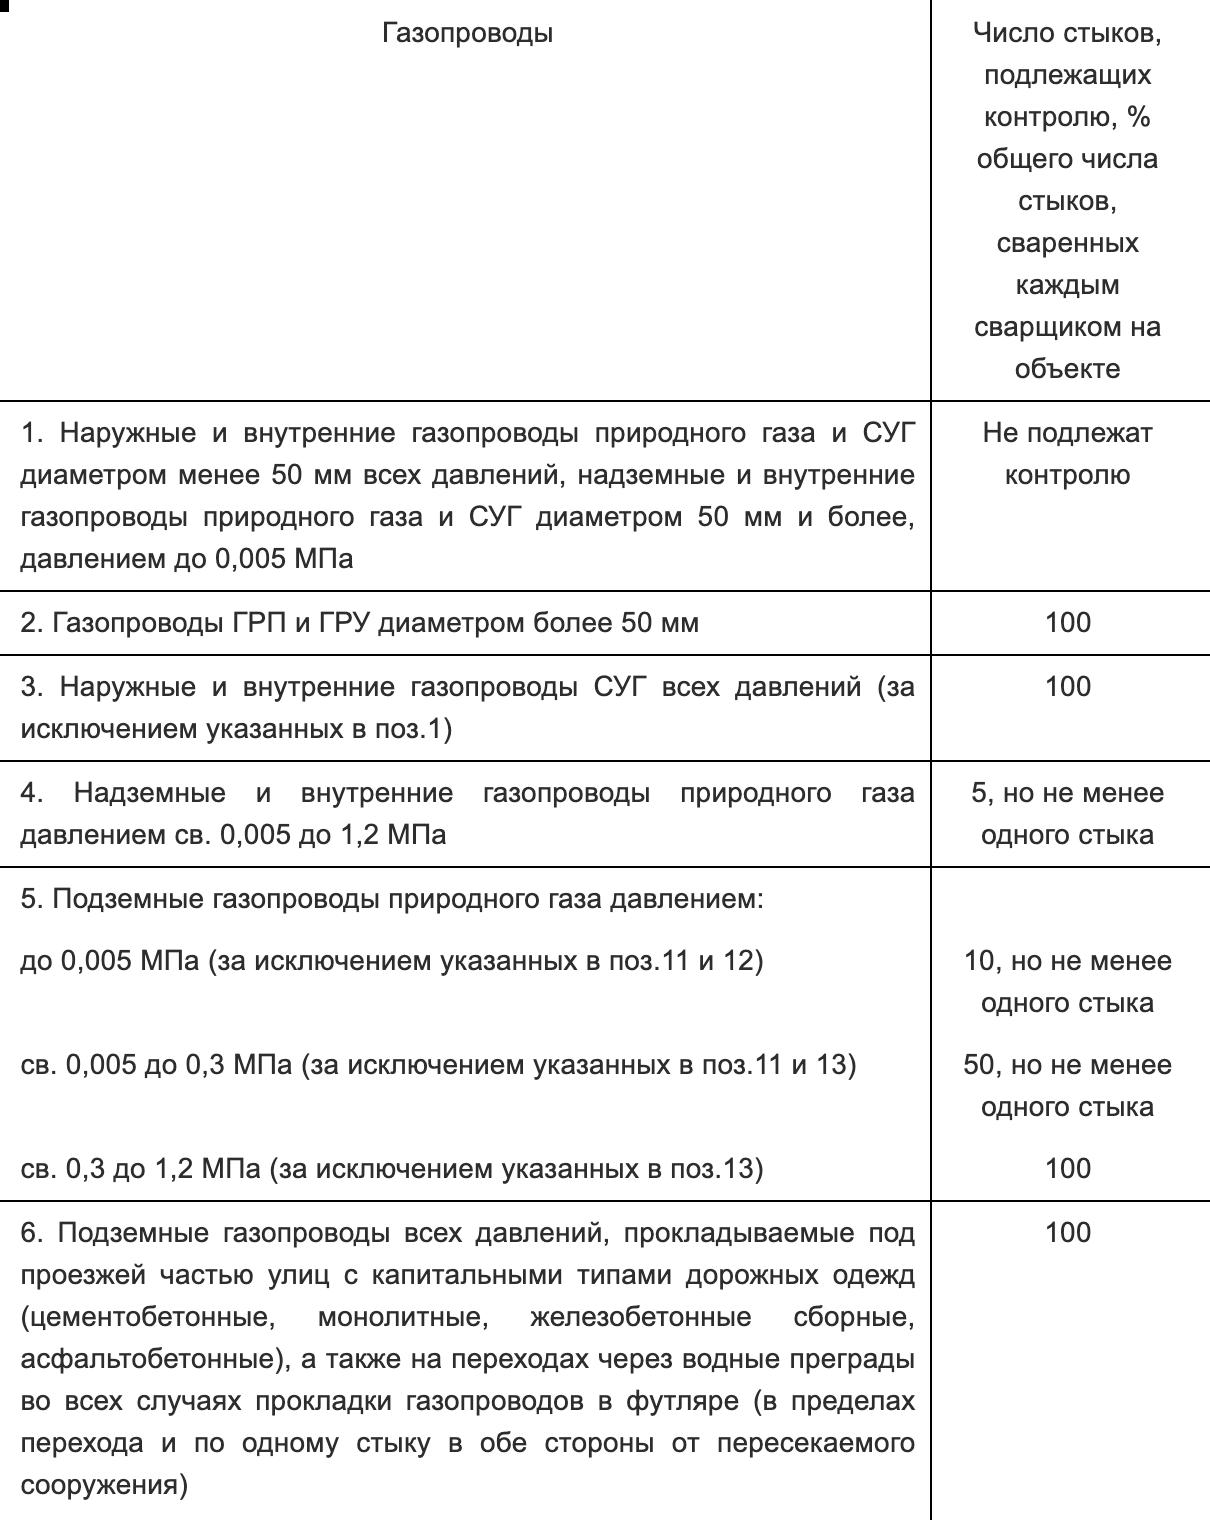 Пример требований снипа к контролю качества проложенного газопровода